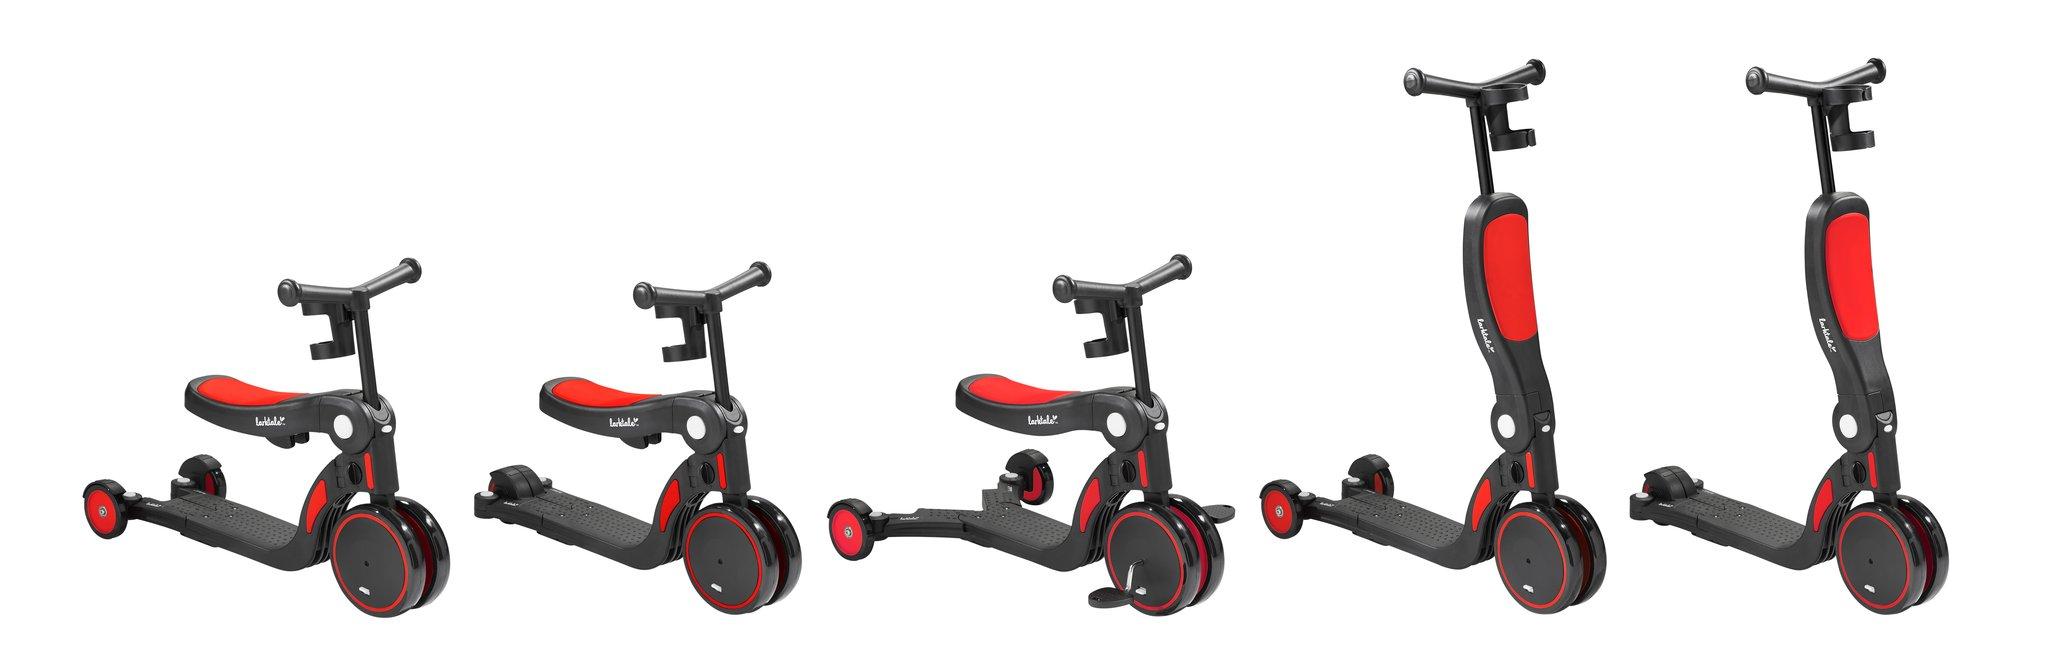 Scoobi scooter by larktale in red